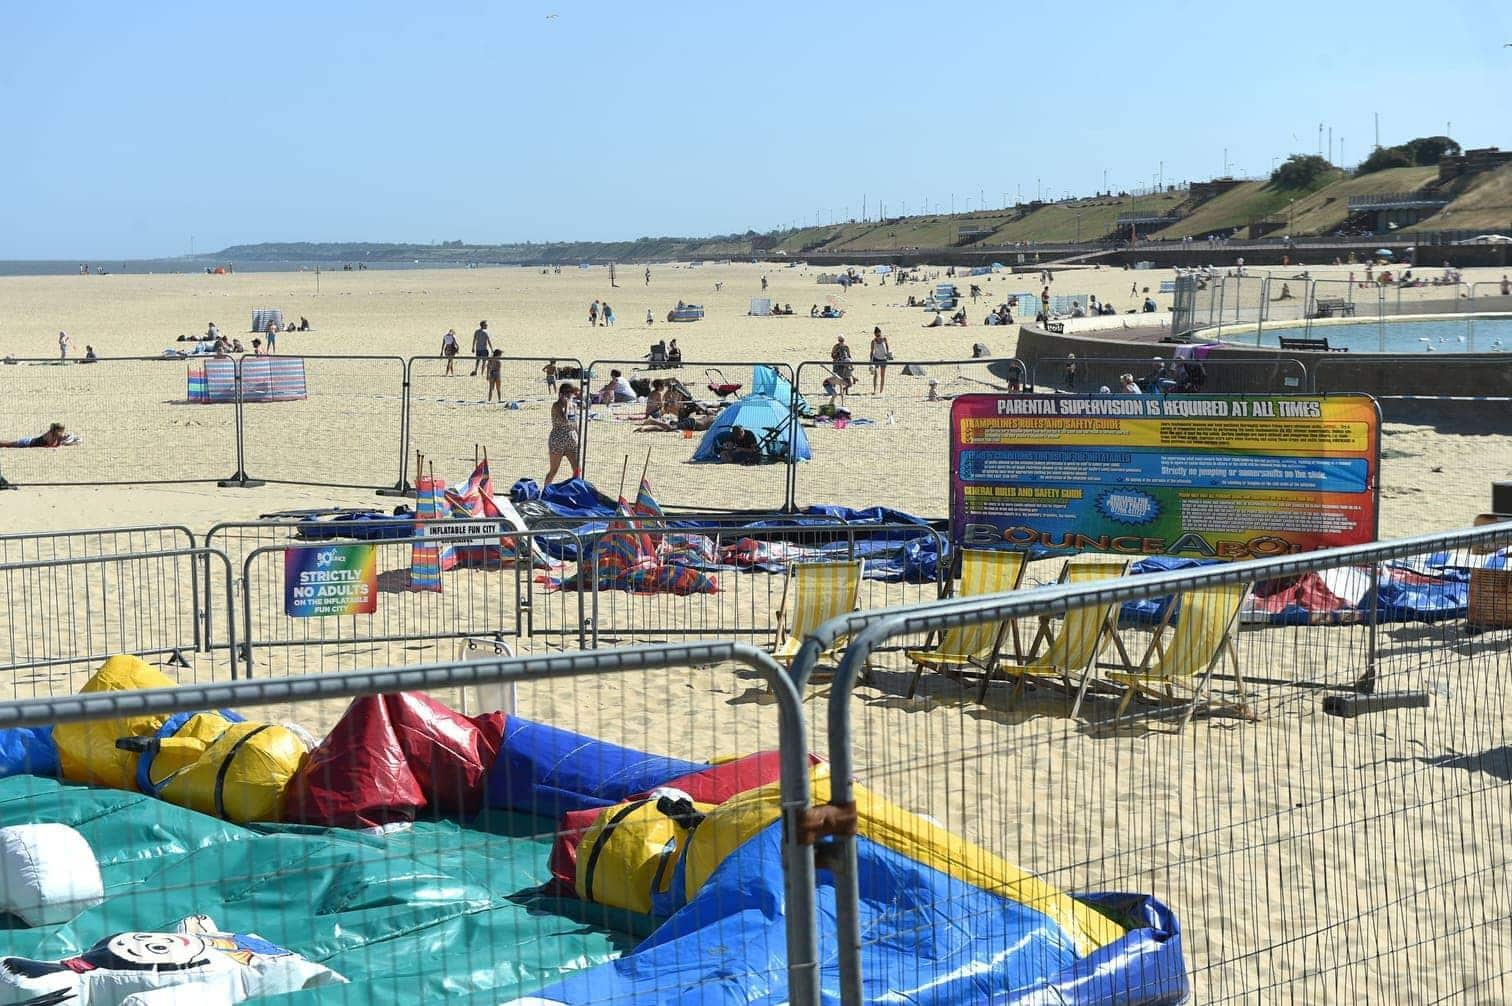 <p>Der Vorfall habe sich bei hochsommerlichen Temperaturen an einem Strand in Gorleston ereignet